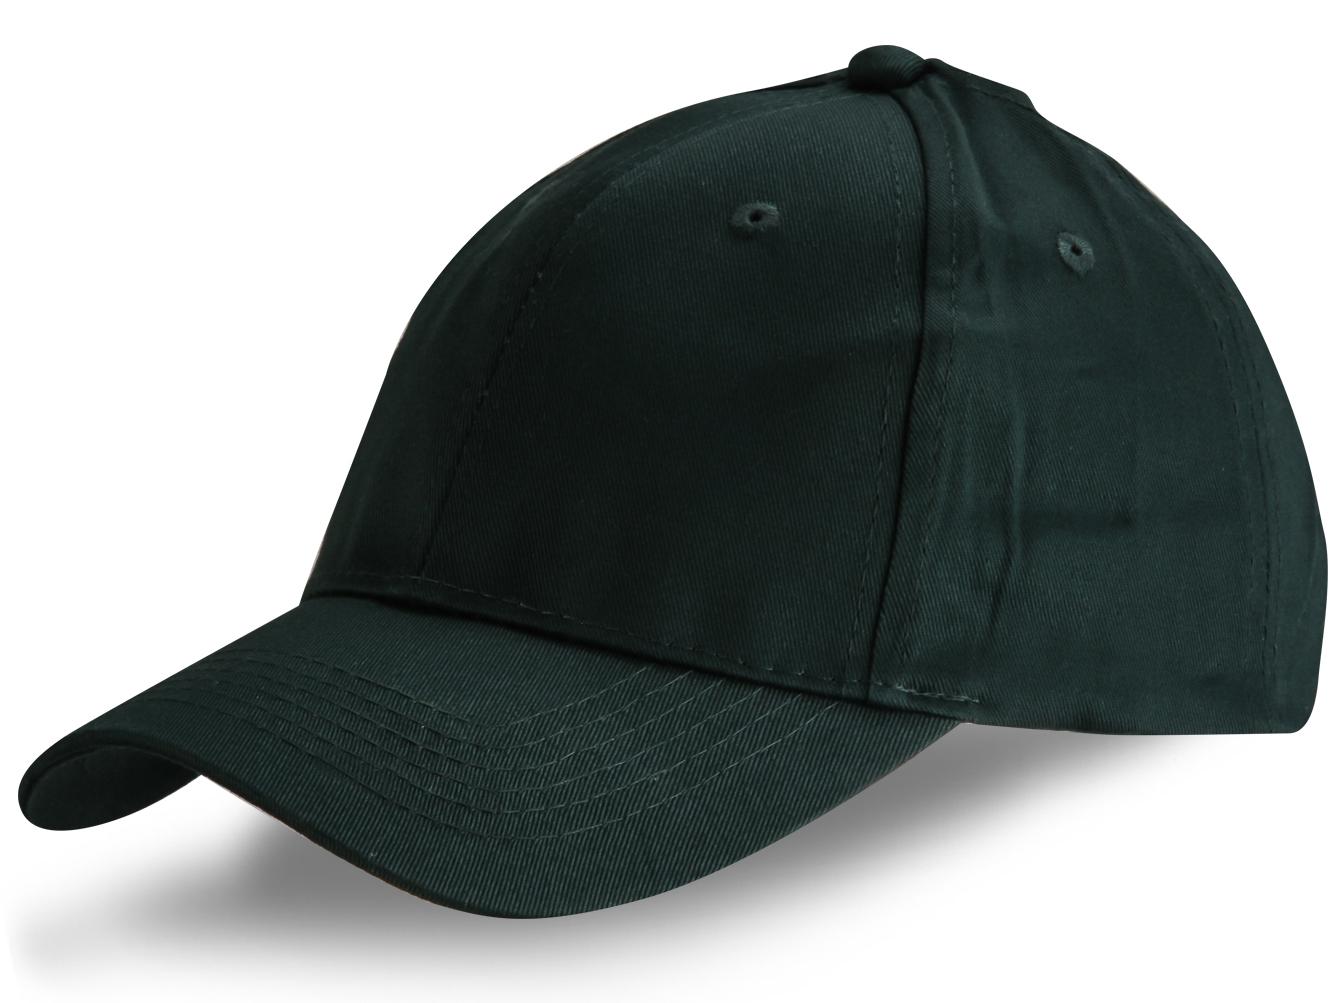 Кепка темно-зеленая - купить в интернет-магазине с доставкой